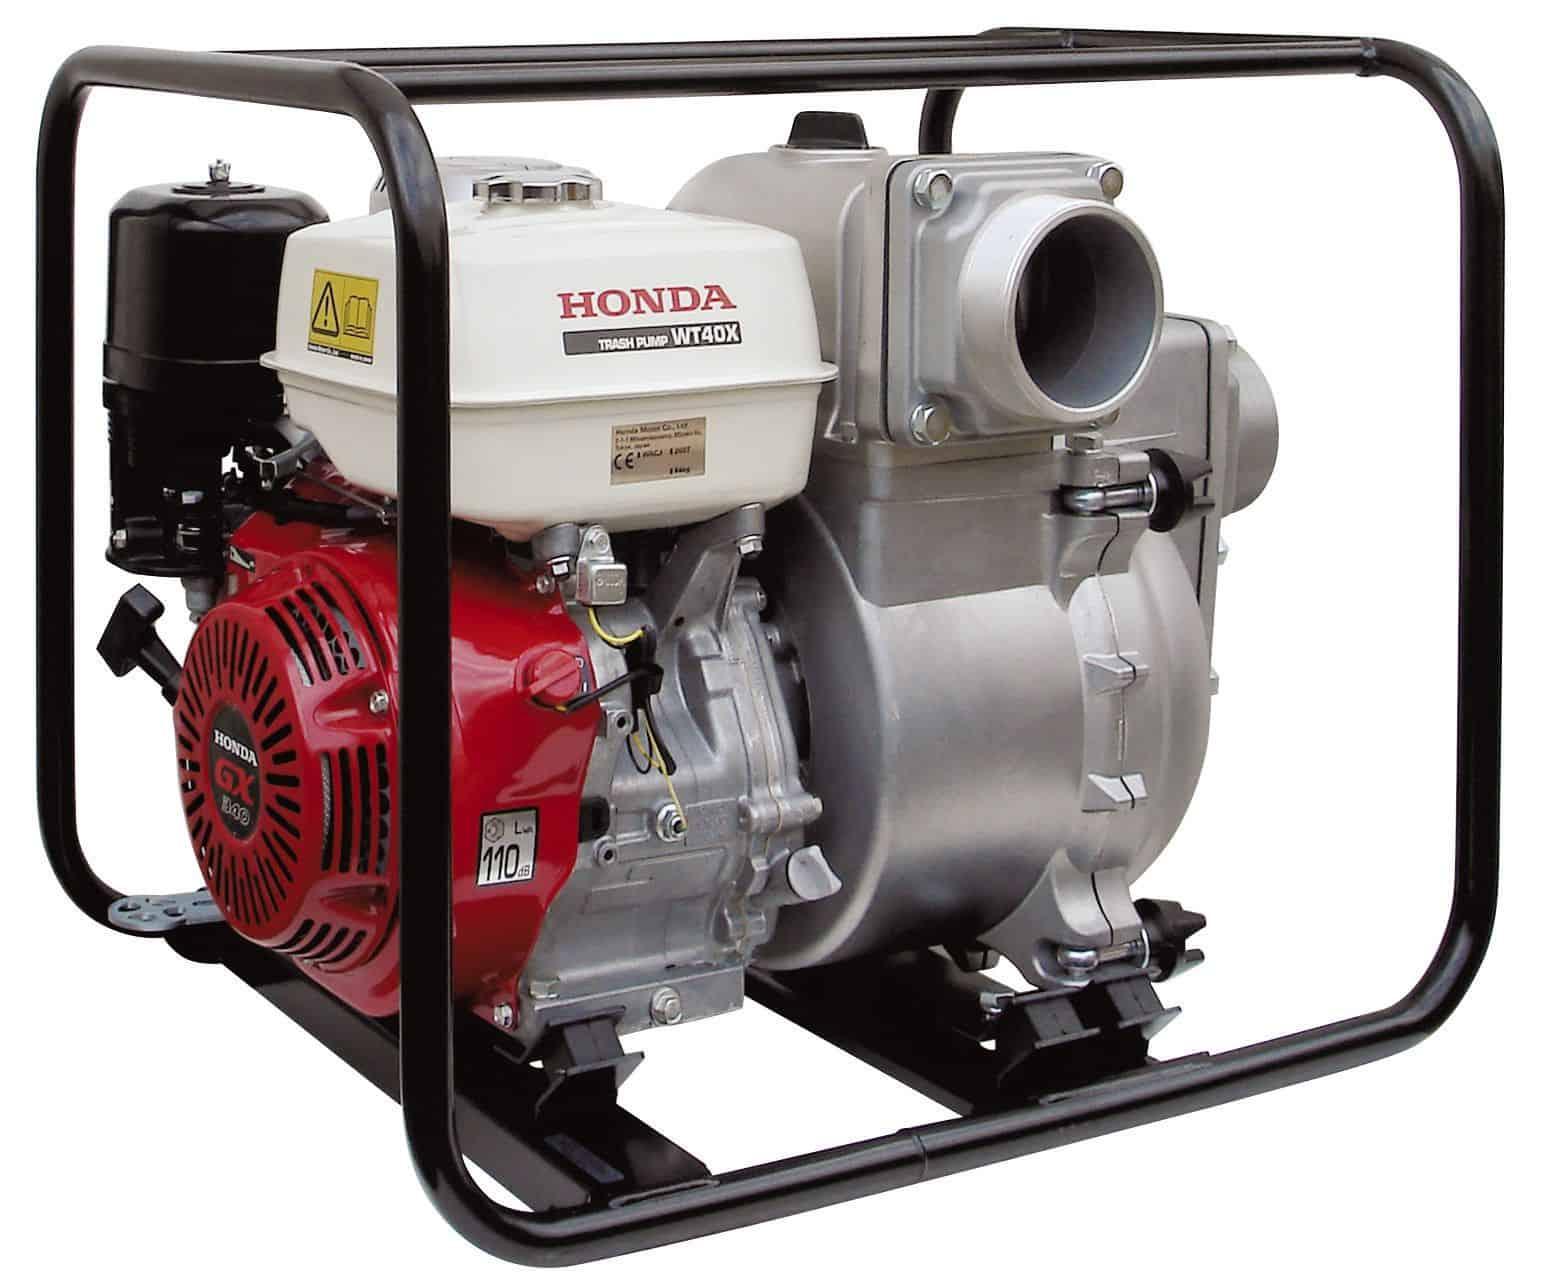 Ūdens sūkņis Honda WT 40 X